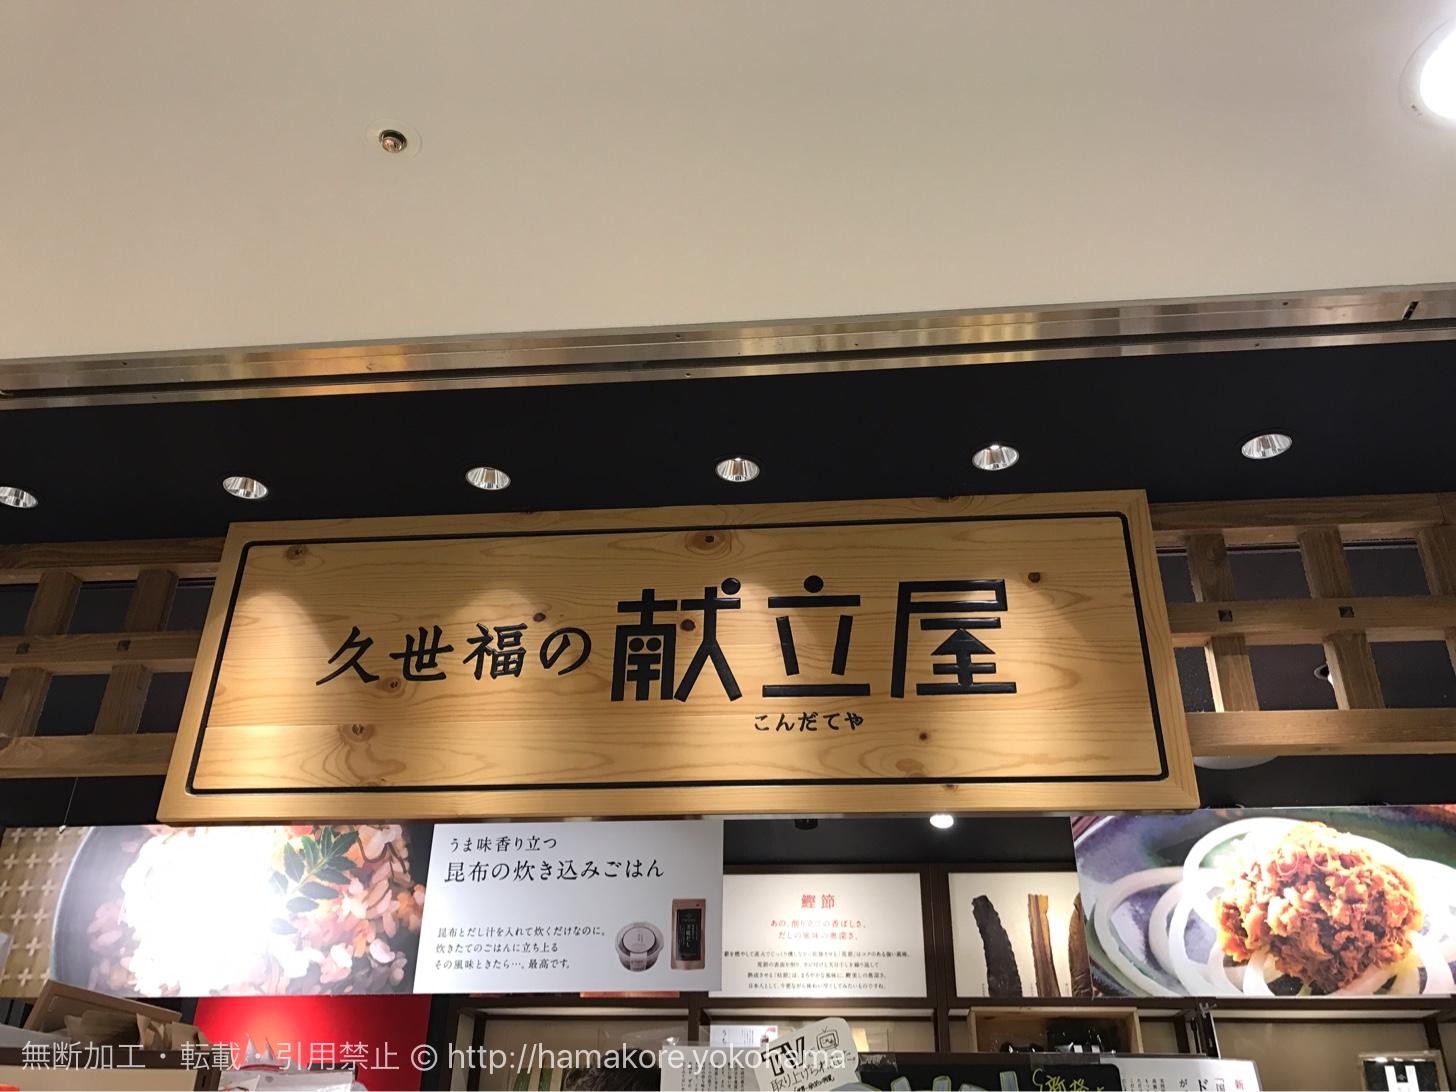 久世福の献立屋 横浜駅 ダイヤ・キッチン